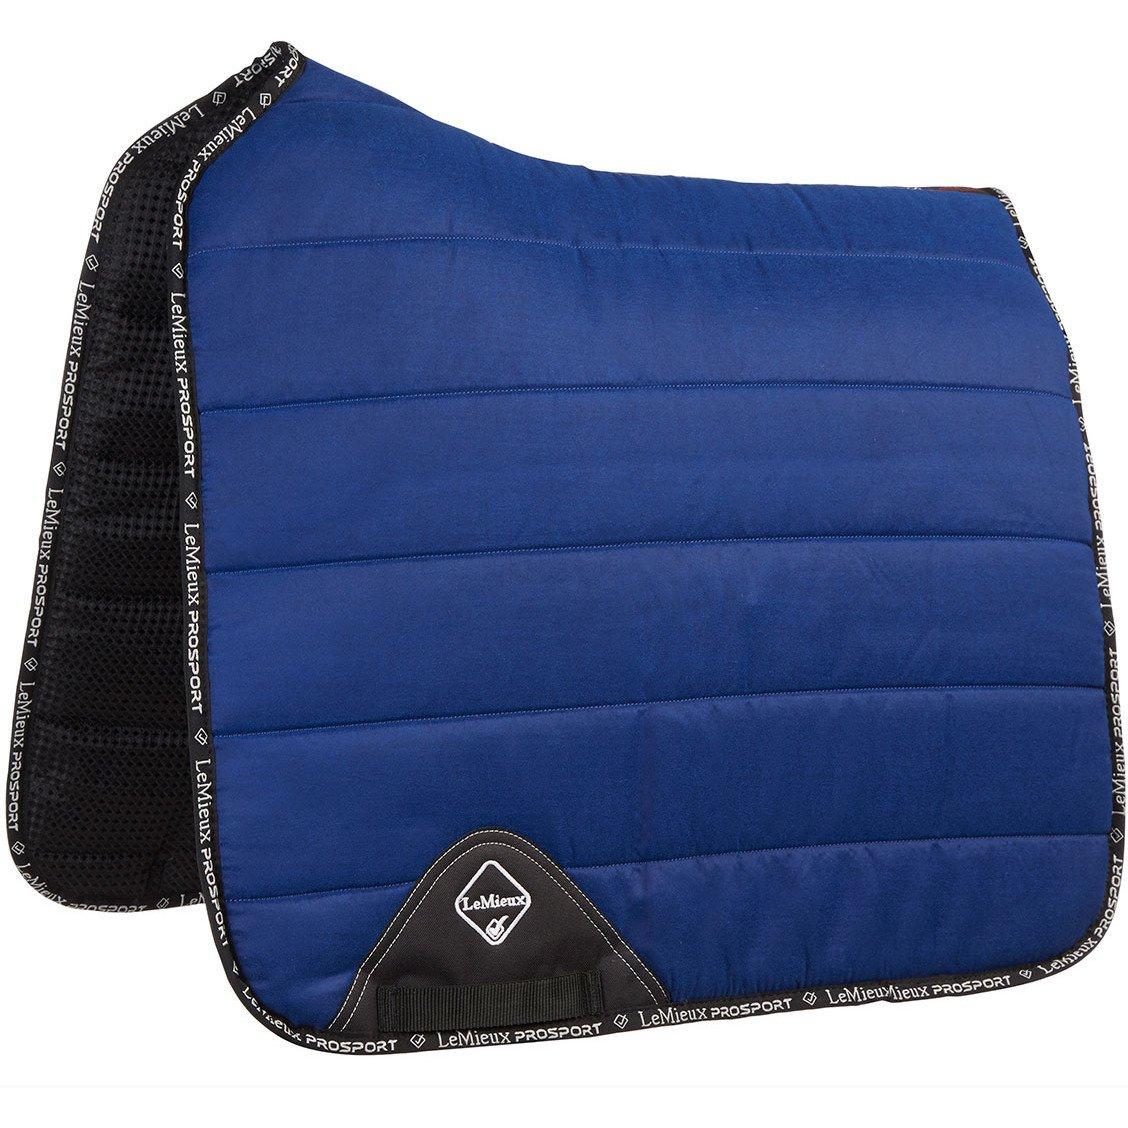 LeMieux Dressage Work Pad Azure Blue Large 7329